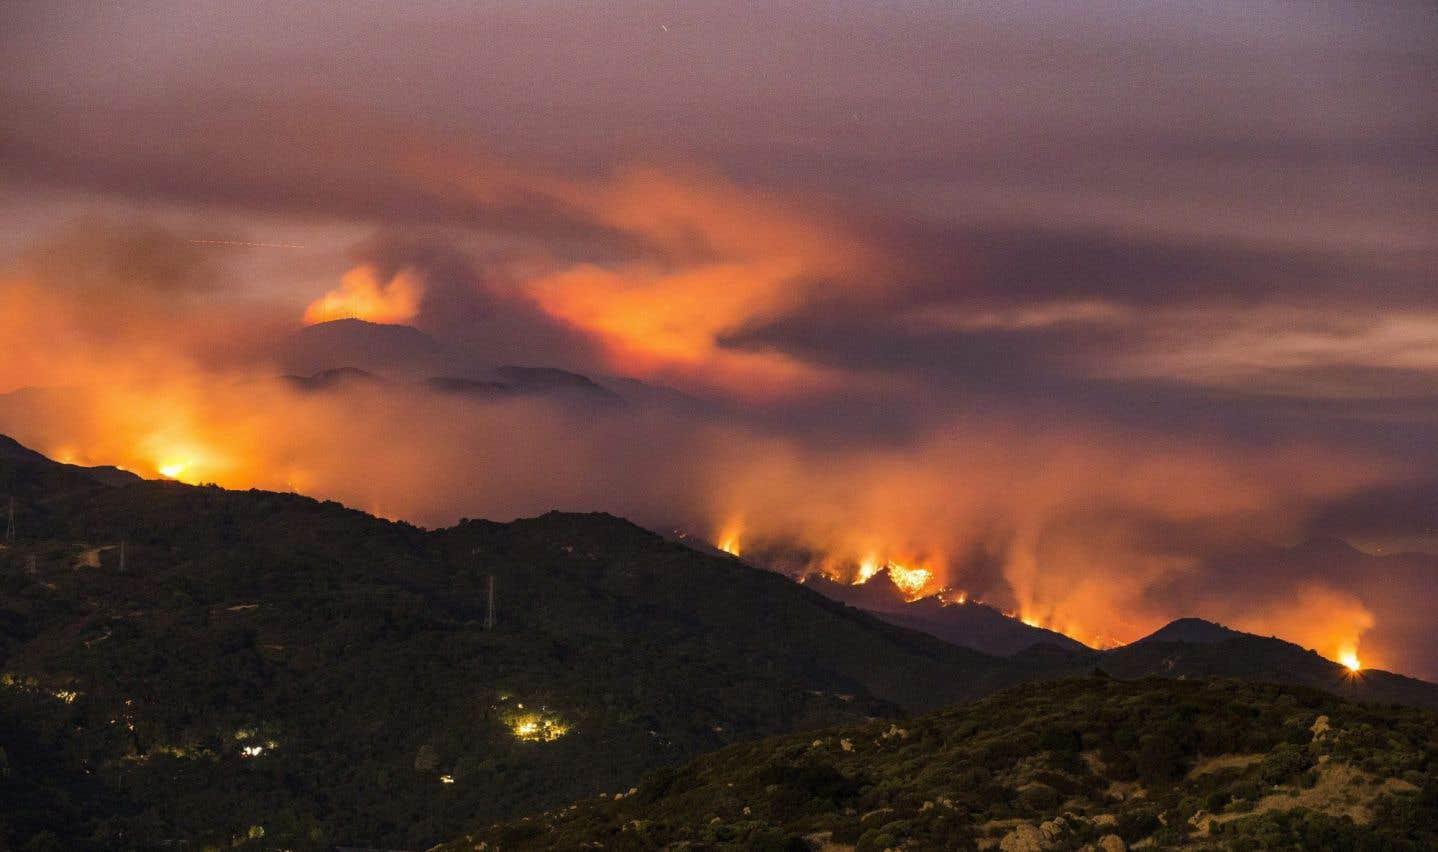 Incendies de forêt en C.-B.: la situation n'est pas près de se régler